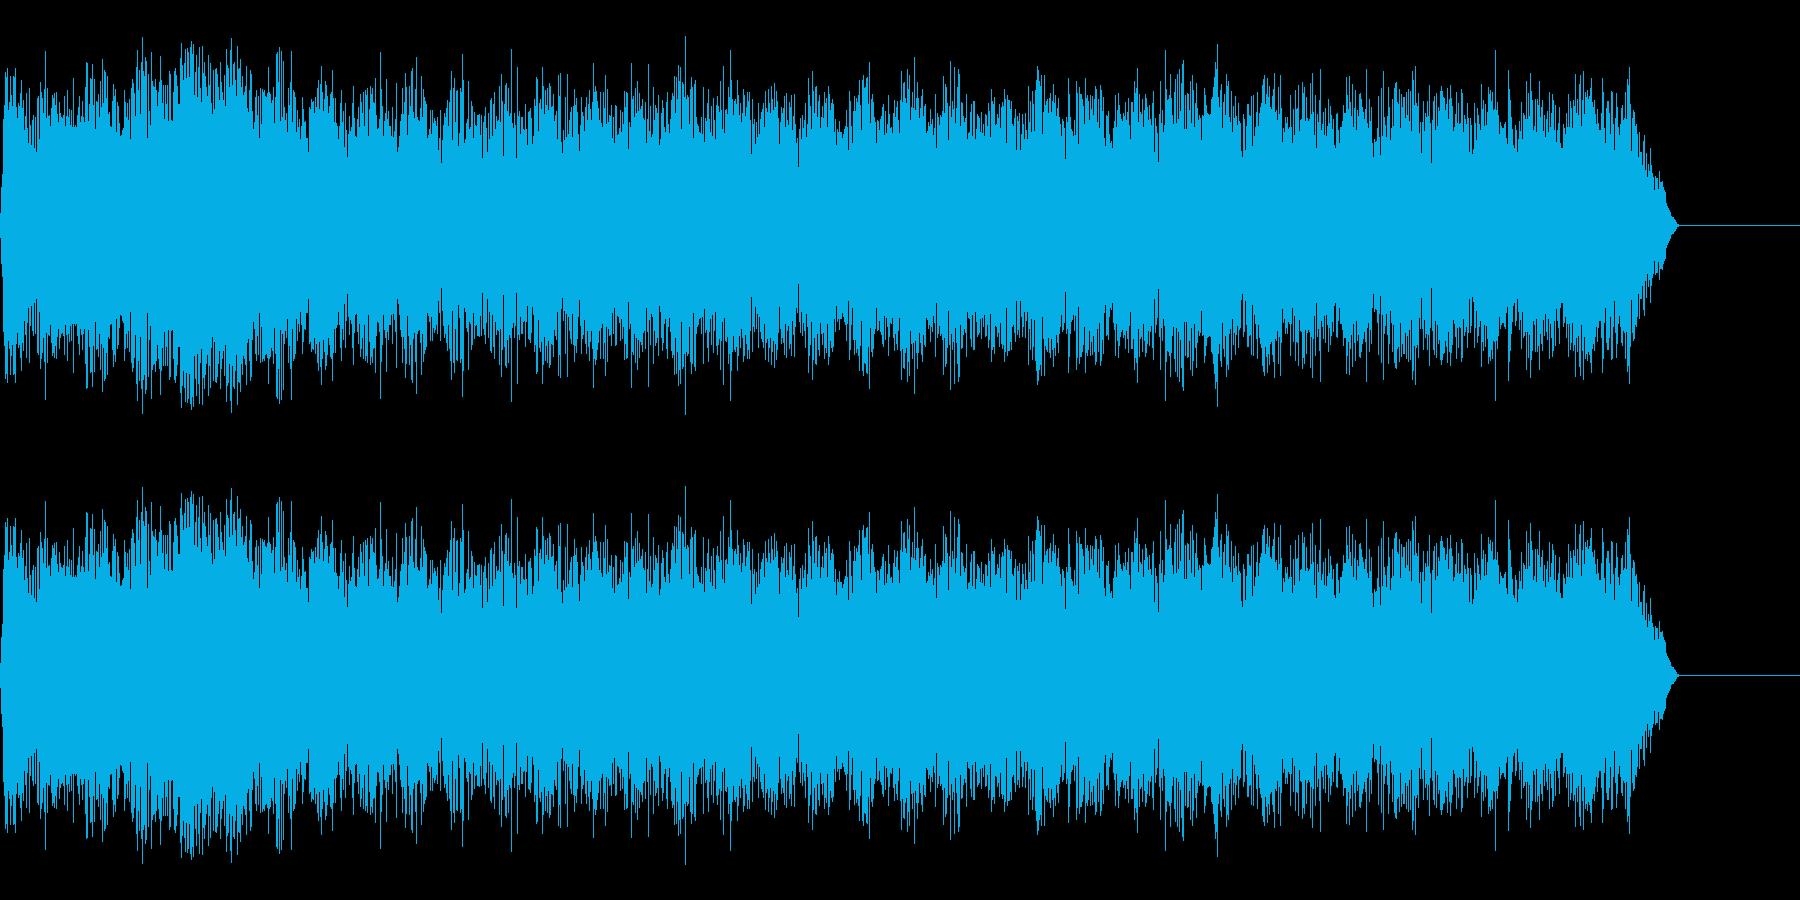 プシュー(ガス/ノイズ/科学物/水蒸気の再生済みの波形